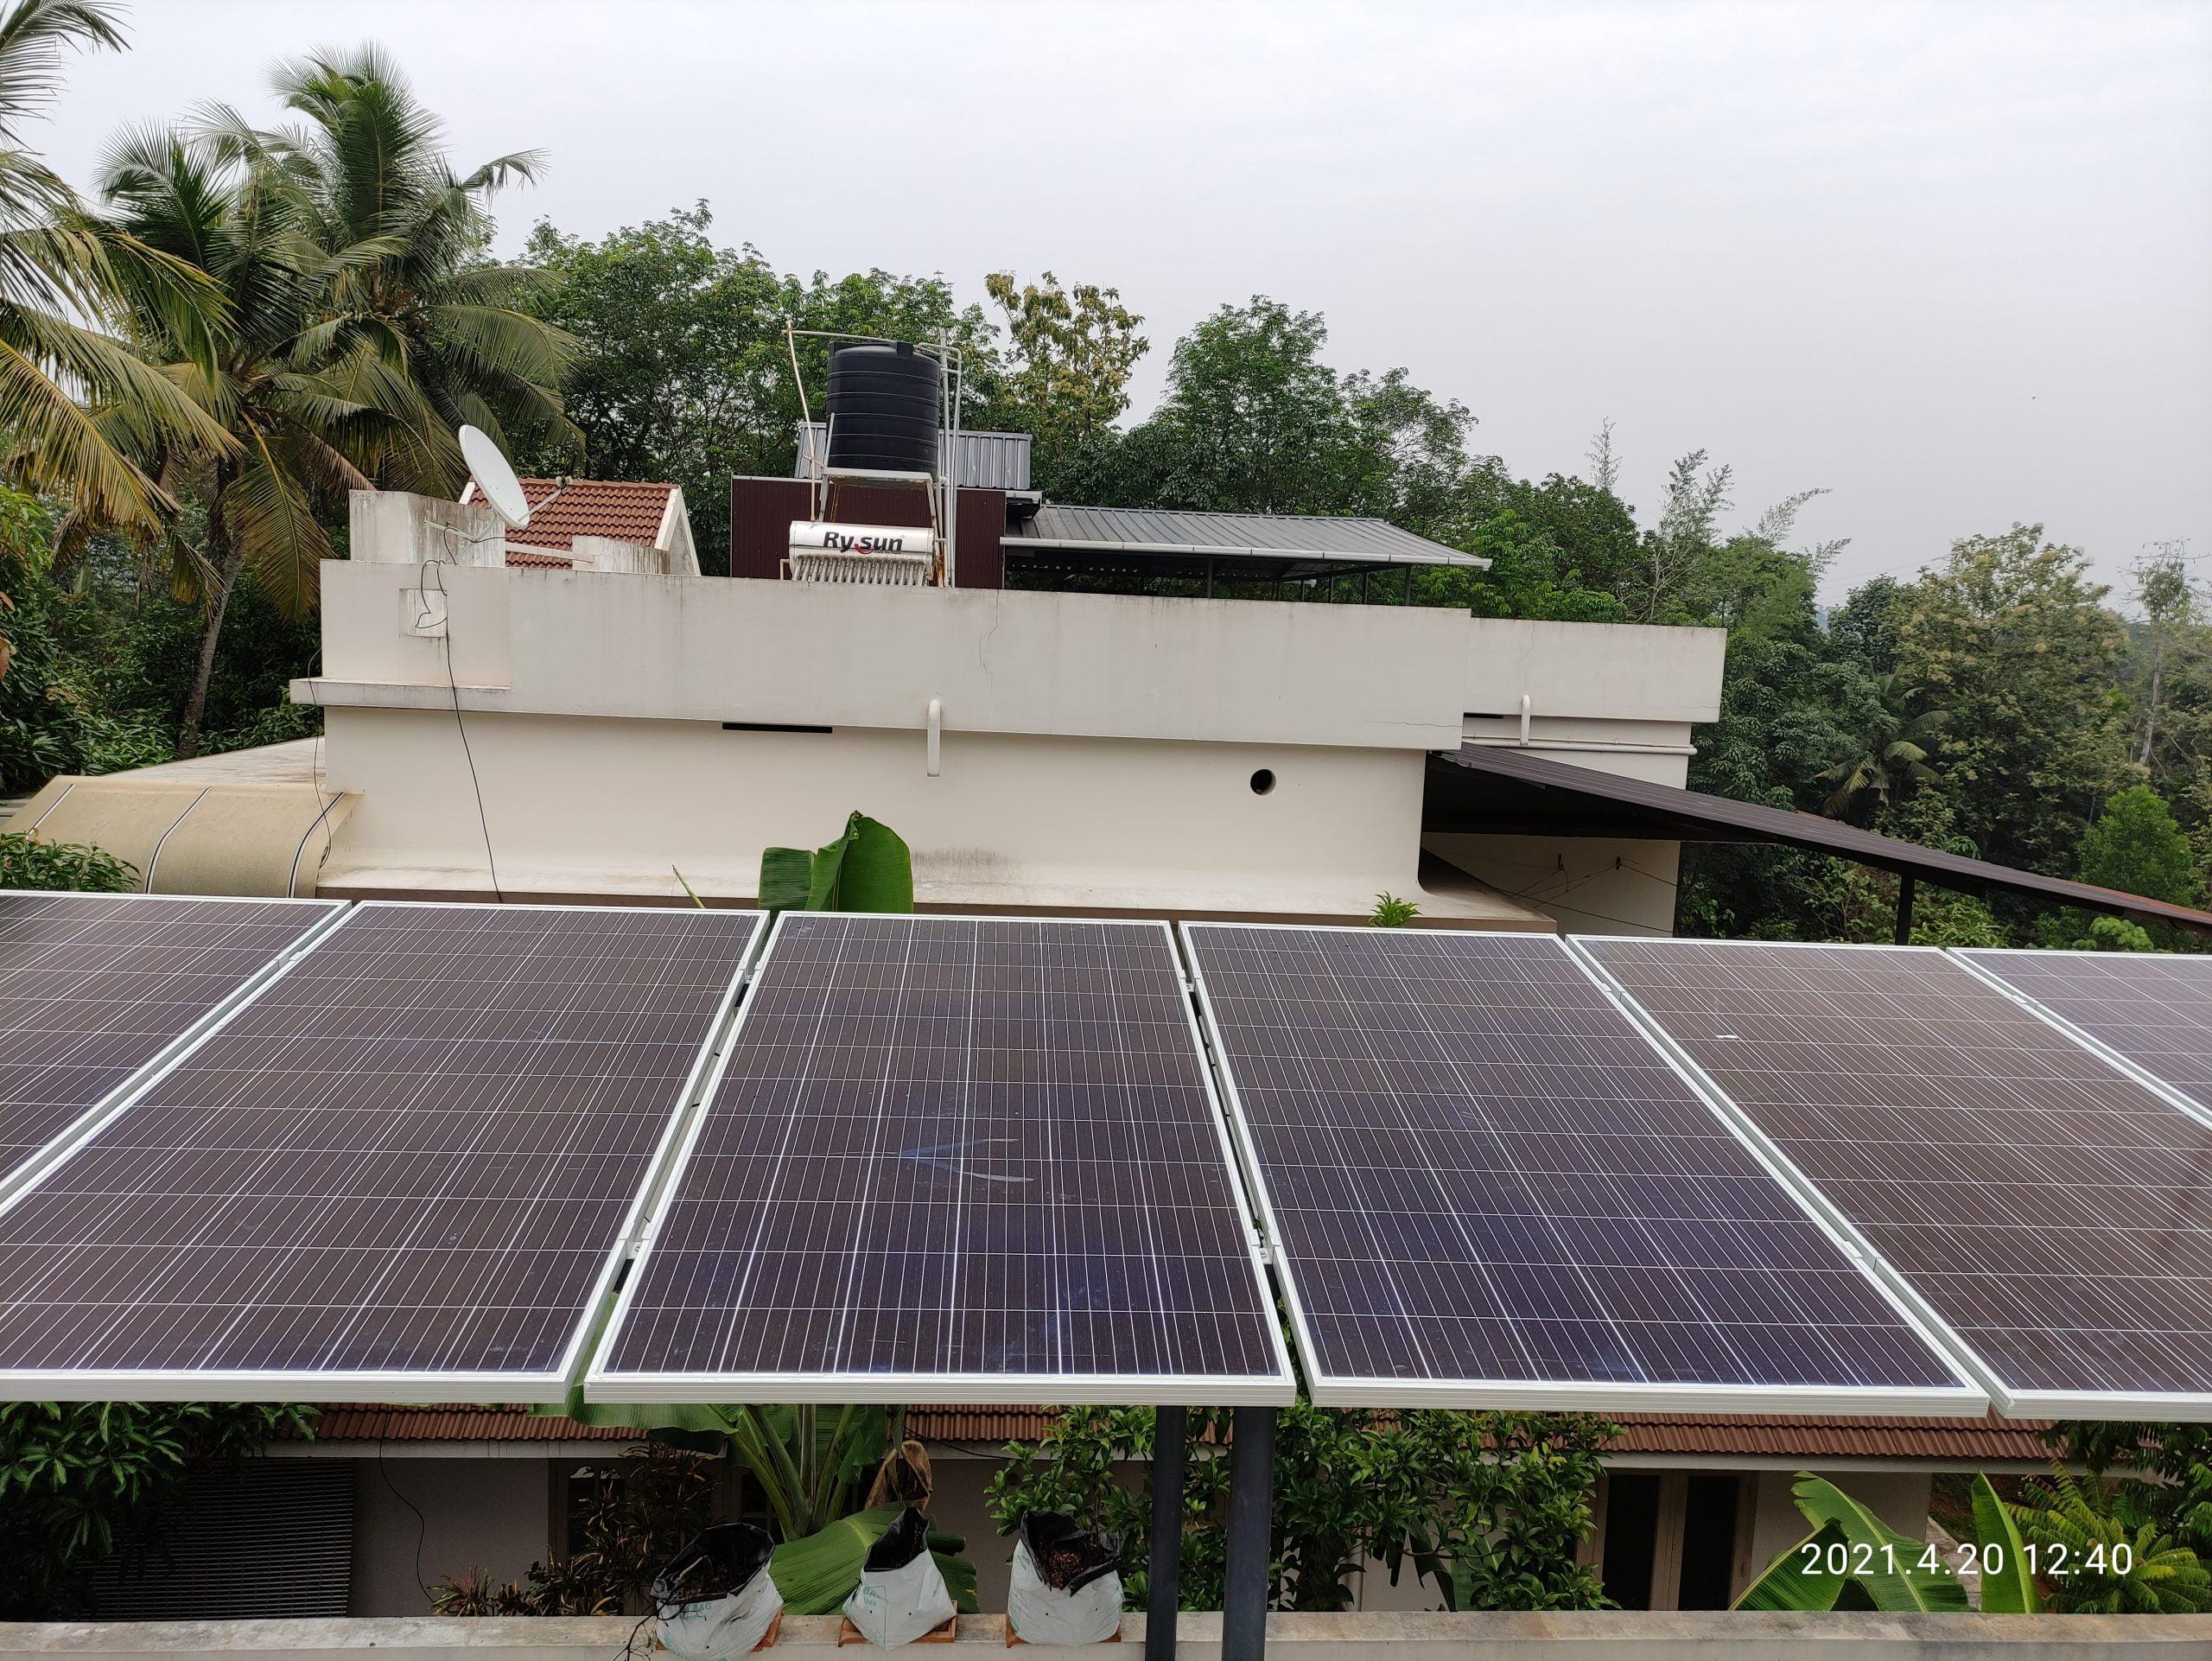 Sofar solar ongrid inverter solar ,Longi solar panel 435 W,Alappuzha ,kerala